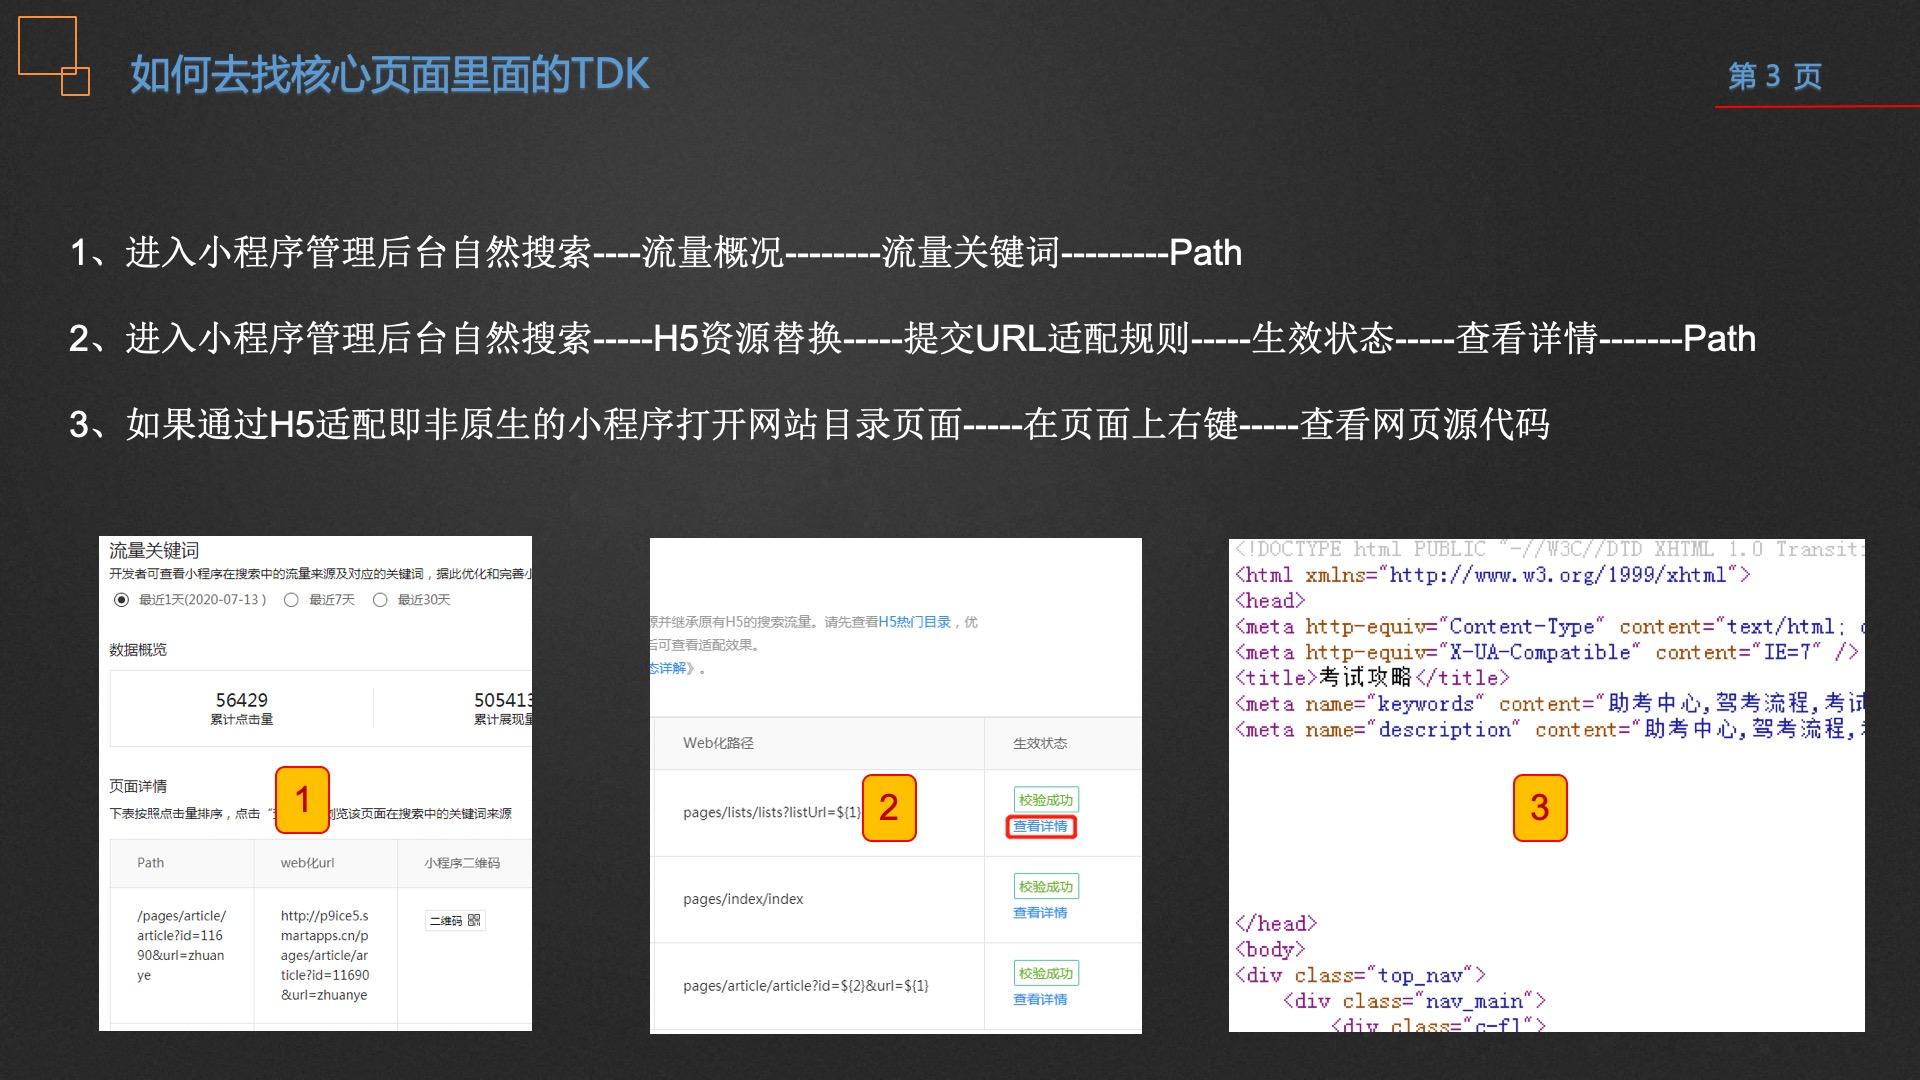 开发者大咖说-核心页面关键词设计与经验分享  开发者 大咖 核心页面 关键词设计 第4张